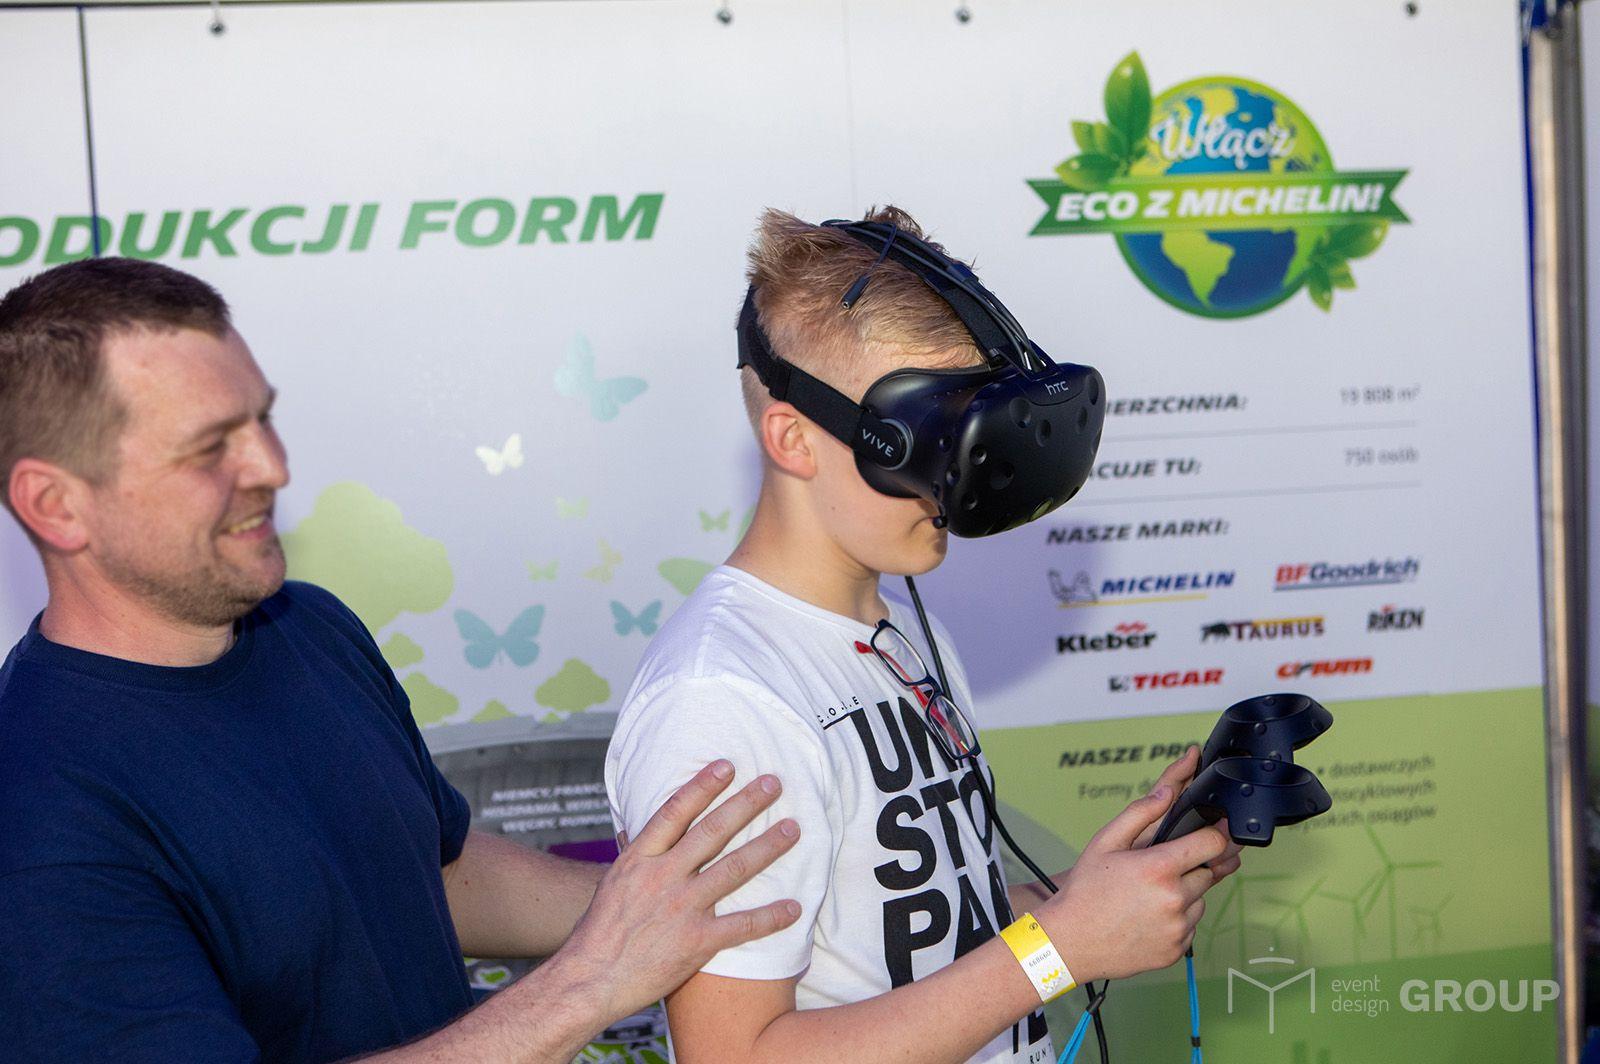 Ekologiczny Piknik Rodzinny 'Włącz Eco z Michelin', Olsztyn